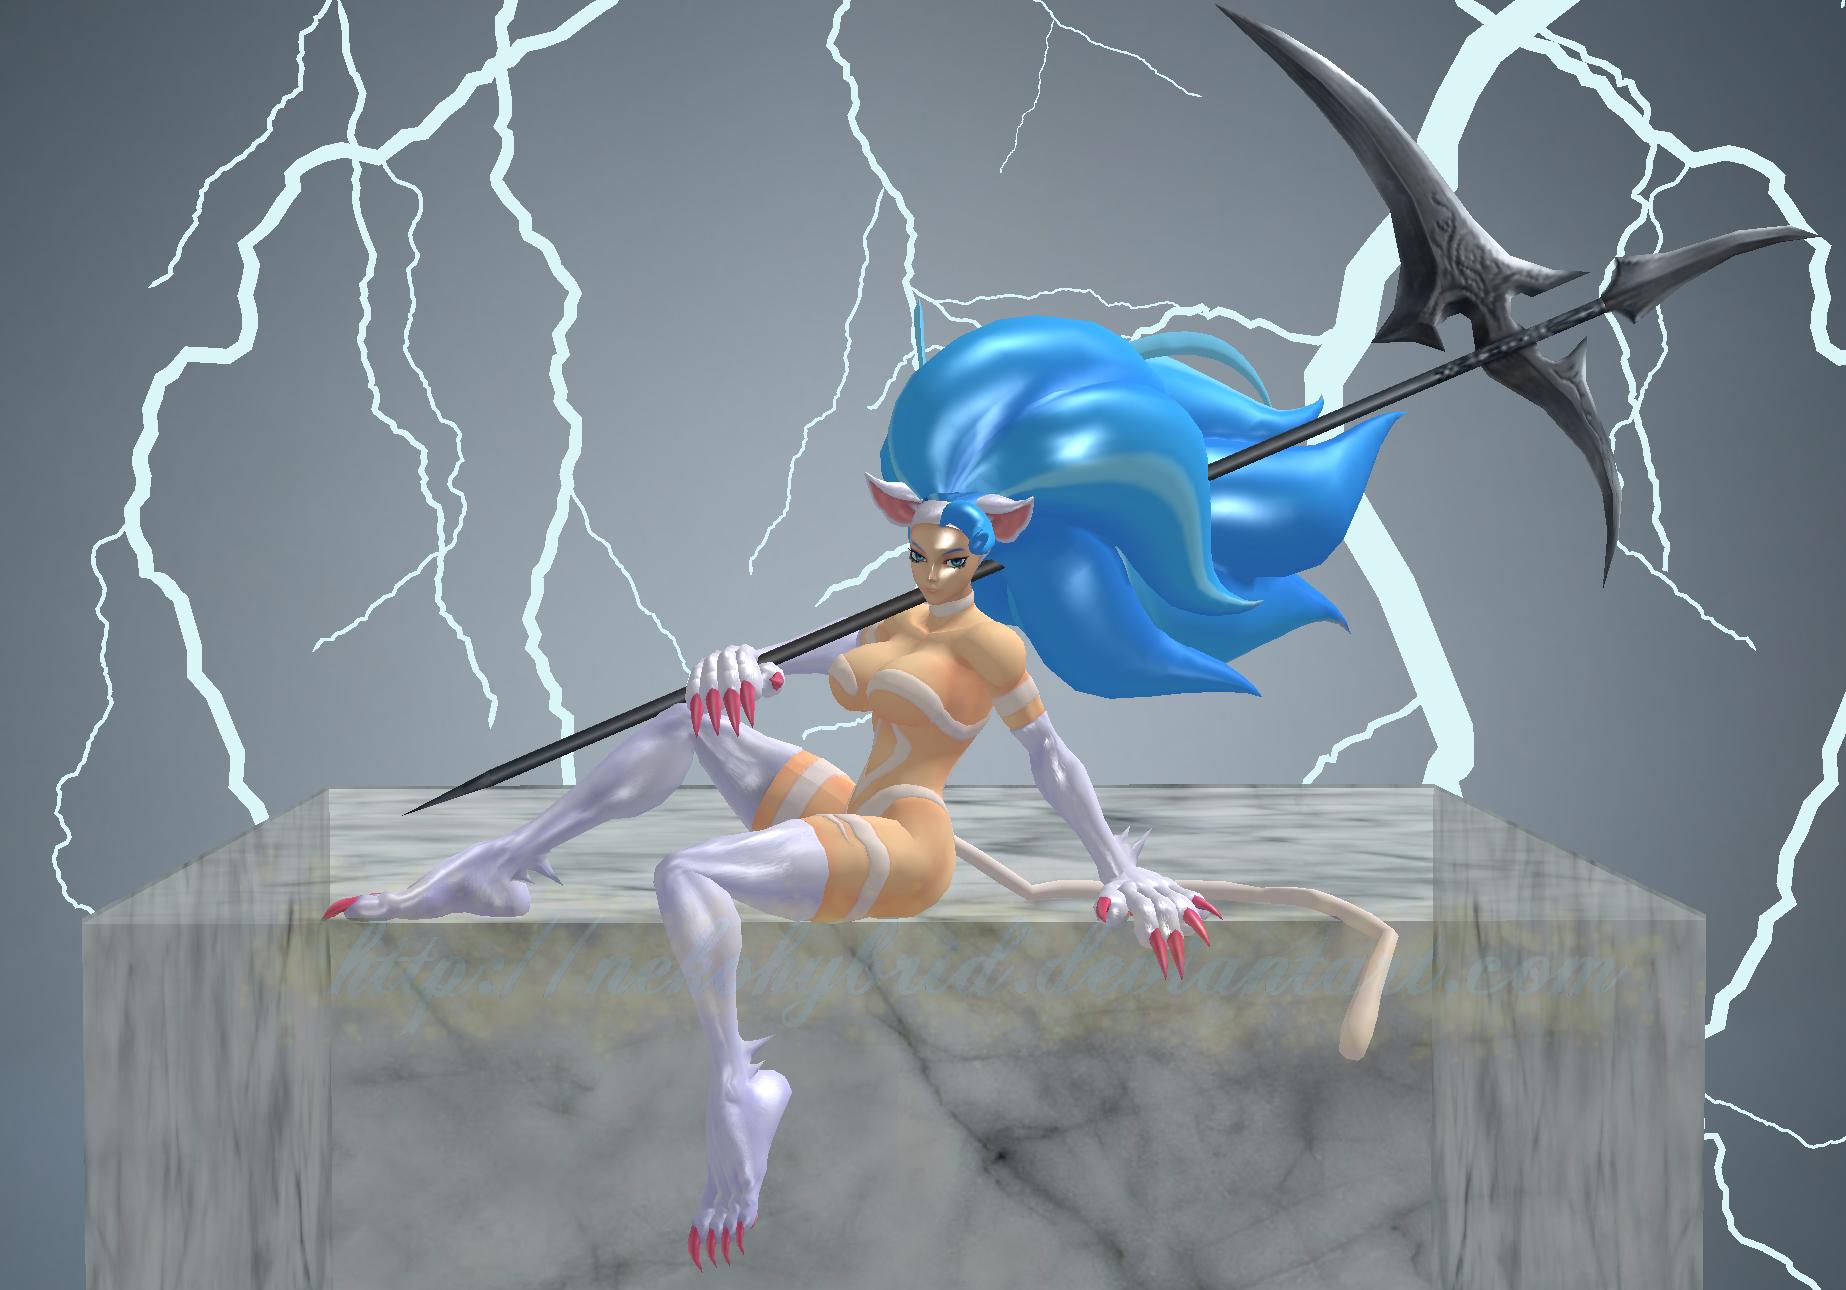 Felicia Divine Scythe by NekoHybrid